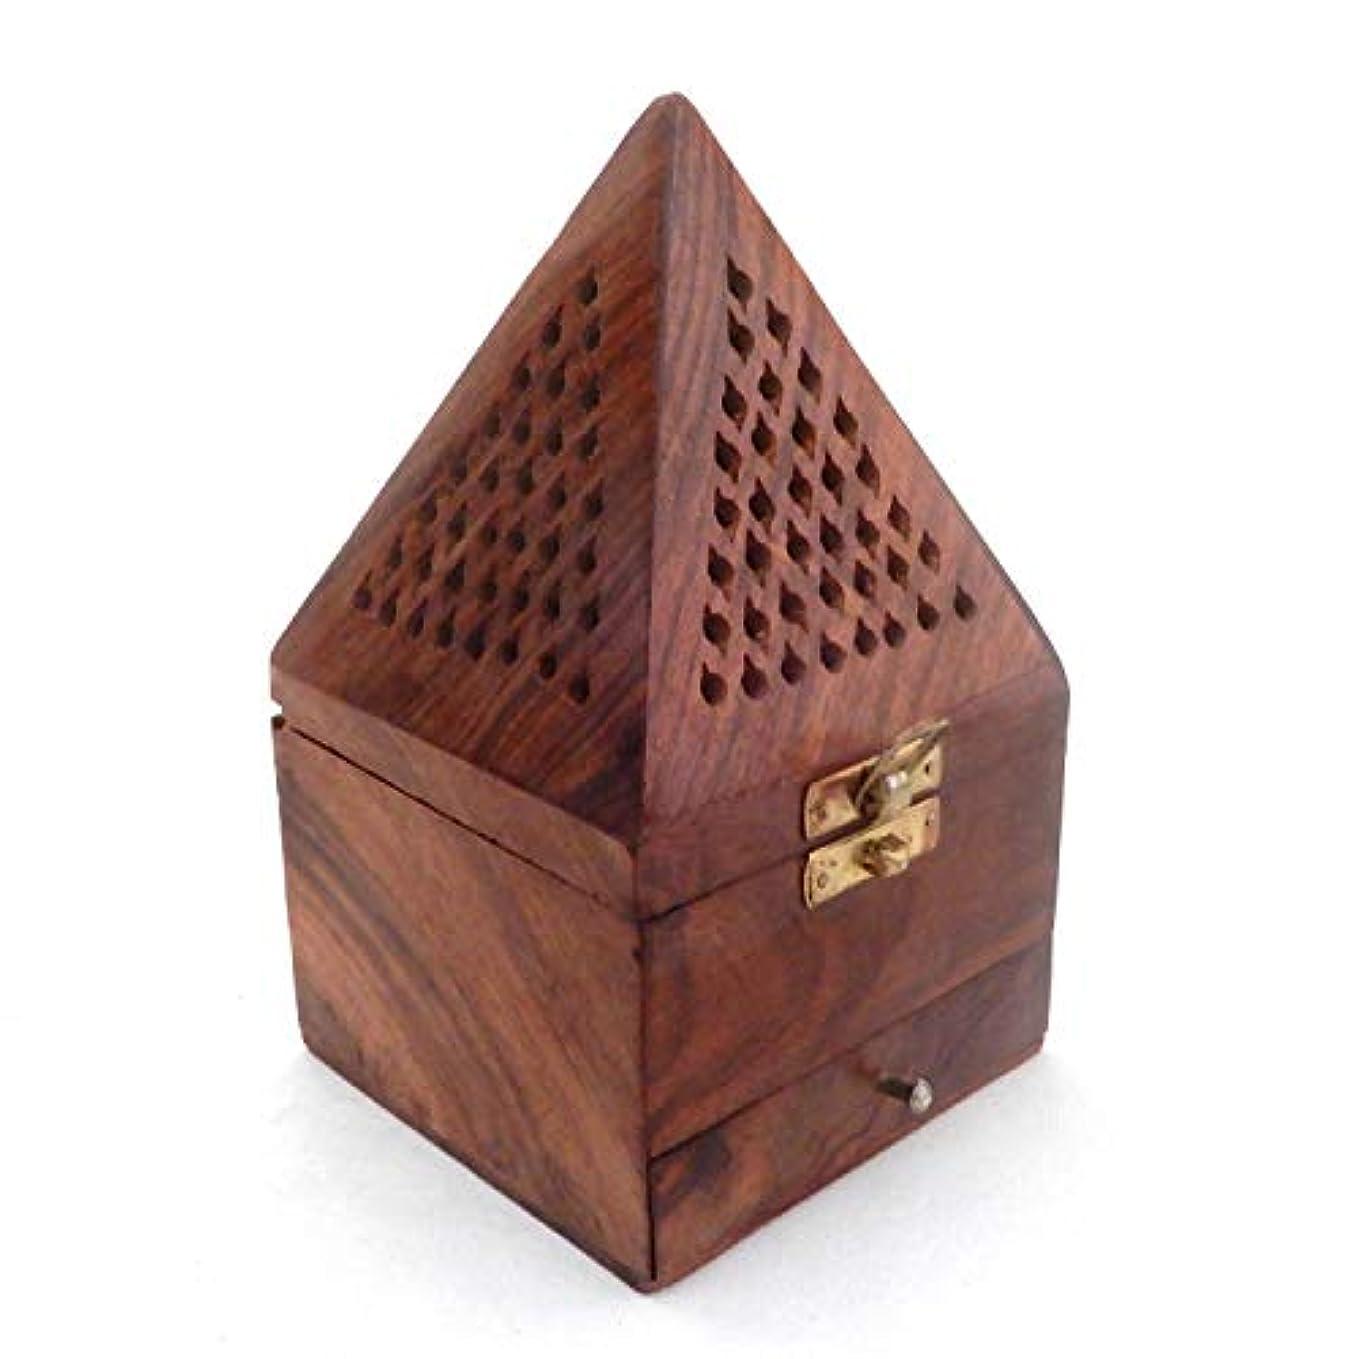 プレゼンター観客ウガンダクリスマスプレゼント、木製ピラミッド形状Burner、Dhoopホルダーwith Base正方形とトップ円錐形状Dhoopホルダー